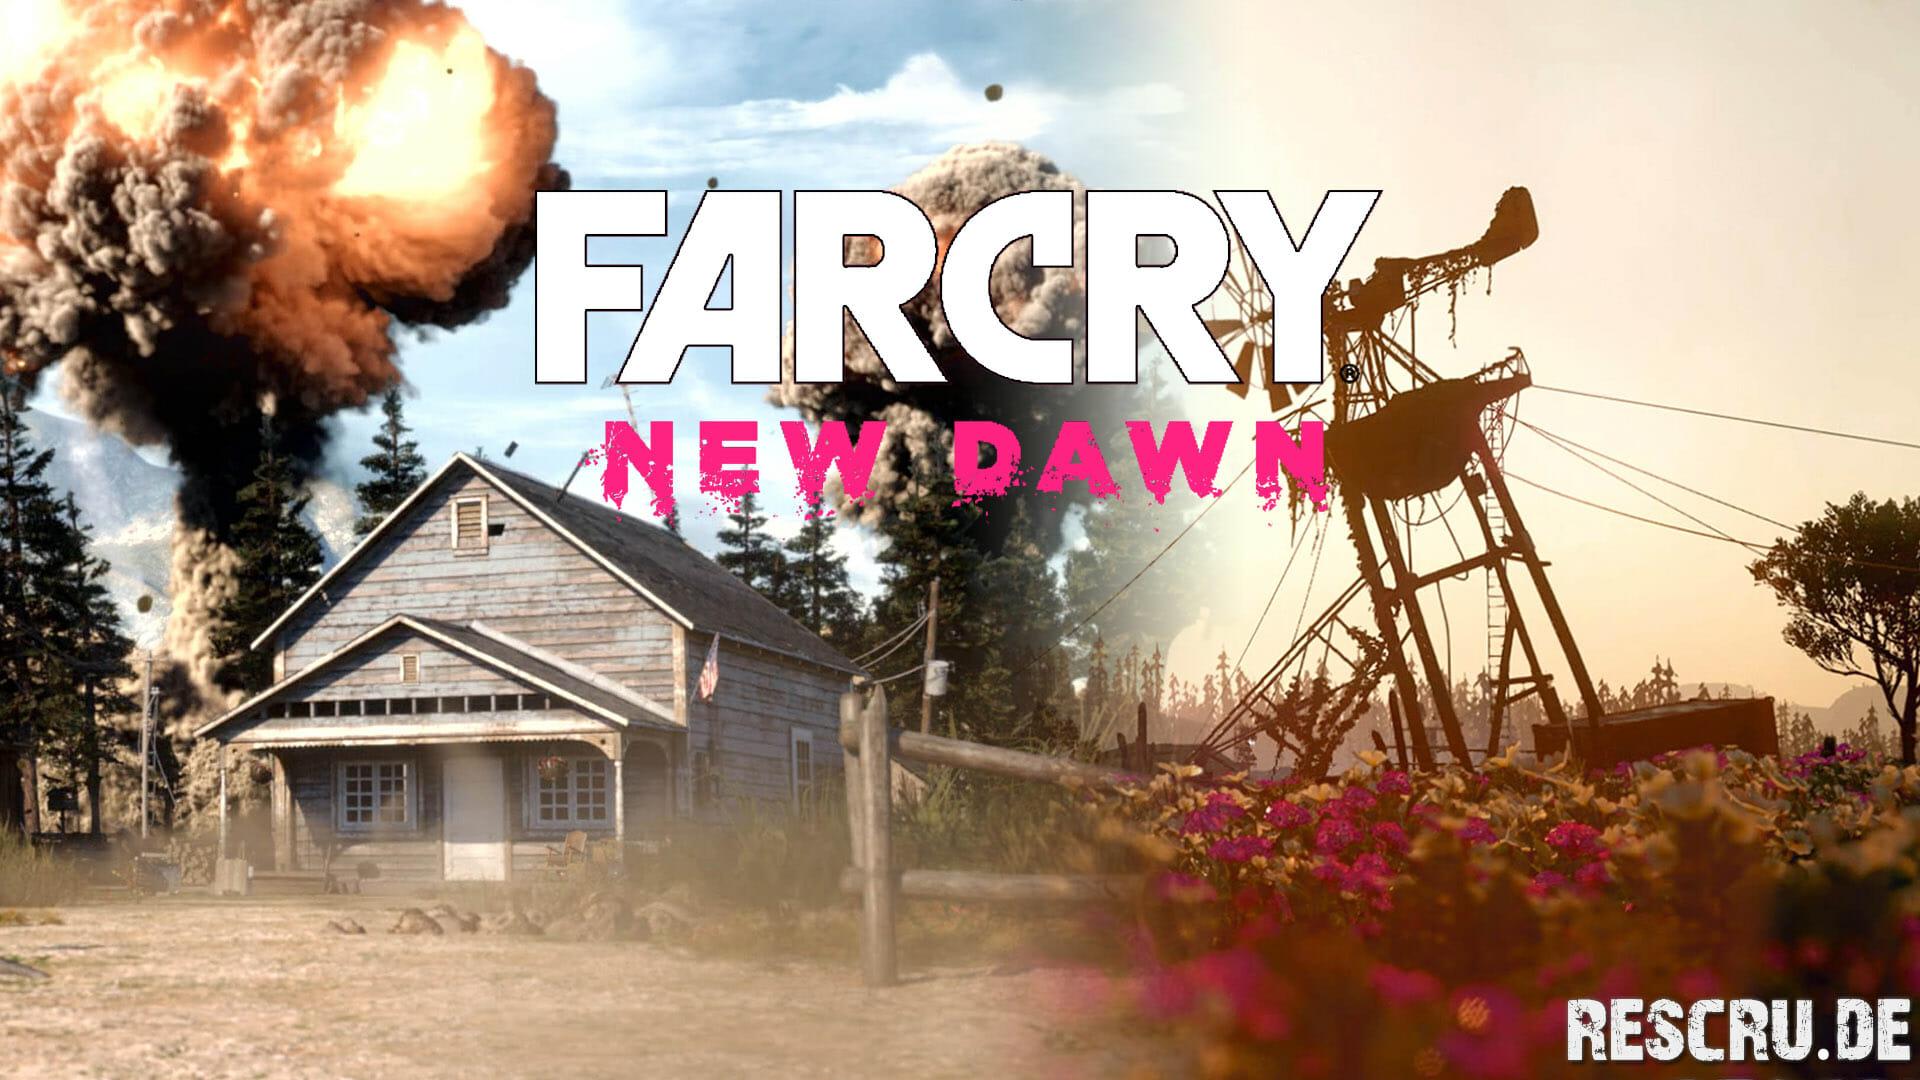 FarCry New Dawn Title